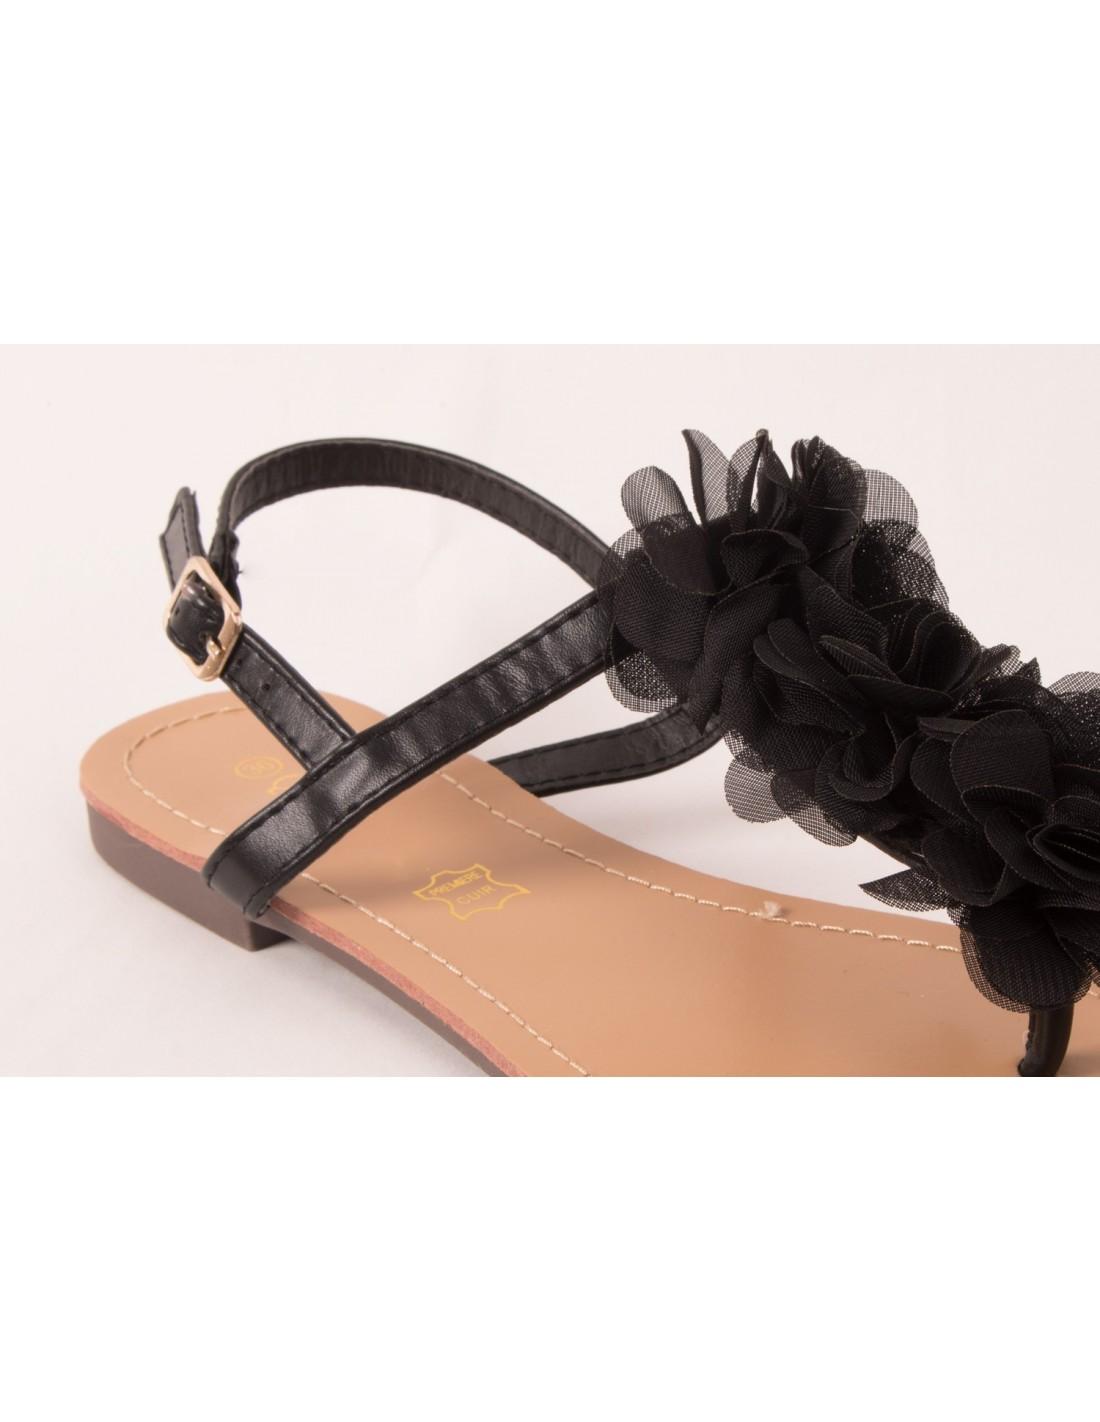 af568a0376ef Sandales femme fleur noir mousseline à brides nus pieds semelle cuir